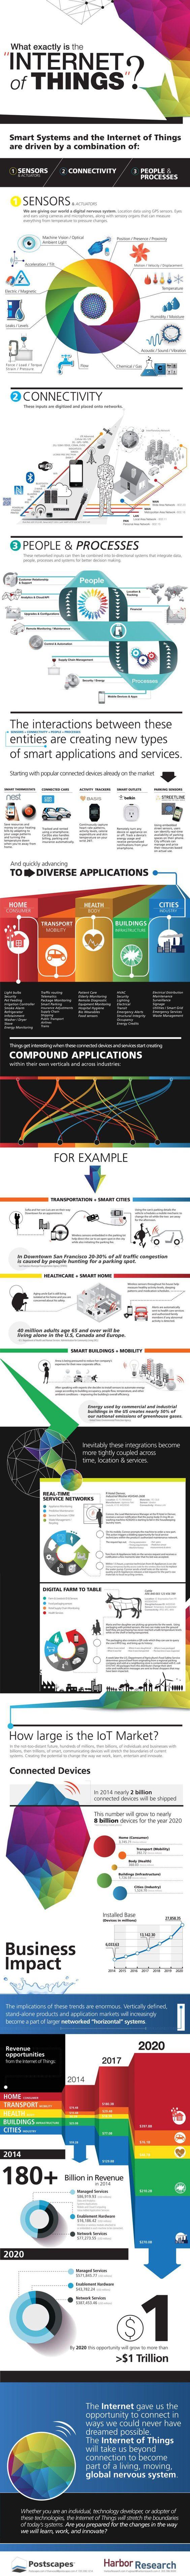 Una completísima infografía sobre lo que es el #InternetDeLasCosas Muy muy muy completa e ilustrativa